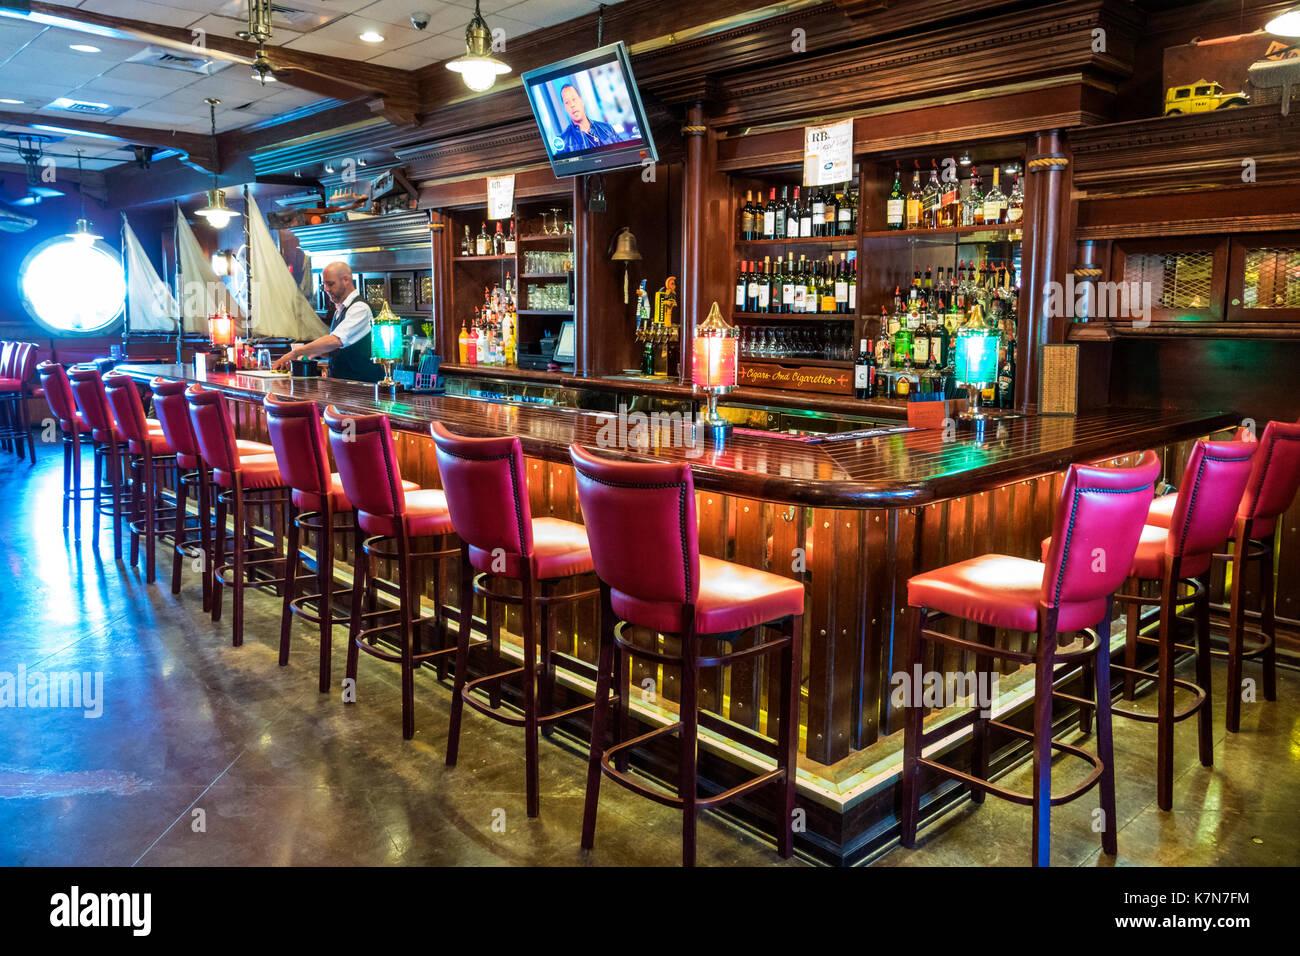 Charleston en Caroline du Sud SC Mt. Agréable Shem Creek waterfront R.B.'s Seafood Restaurant coin bar à l'intérieur Photo Stock